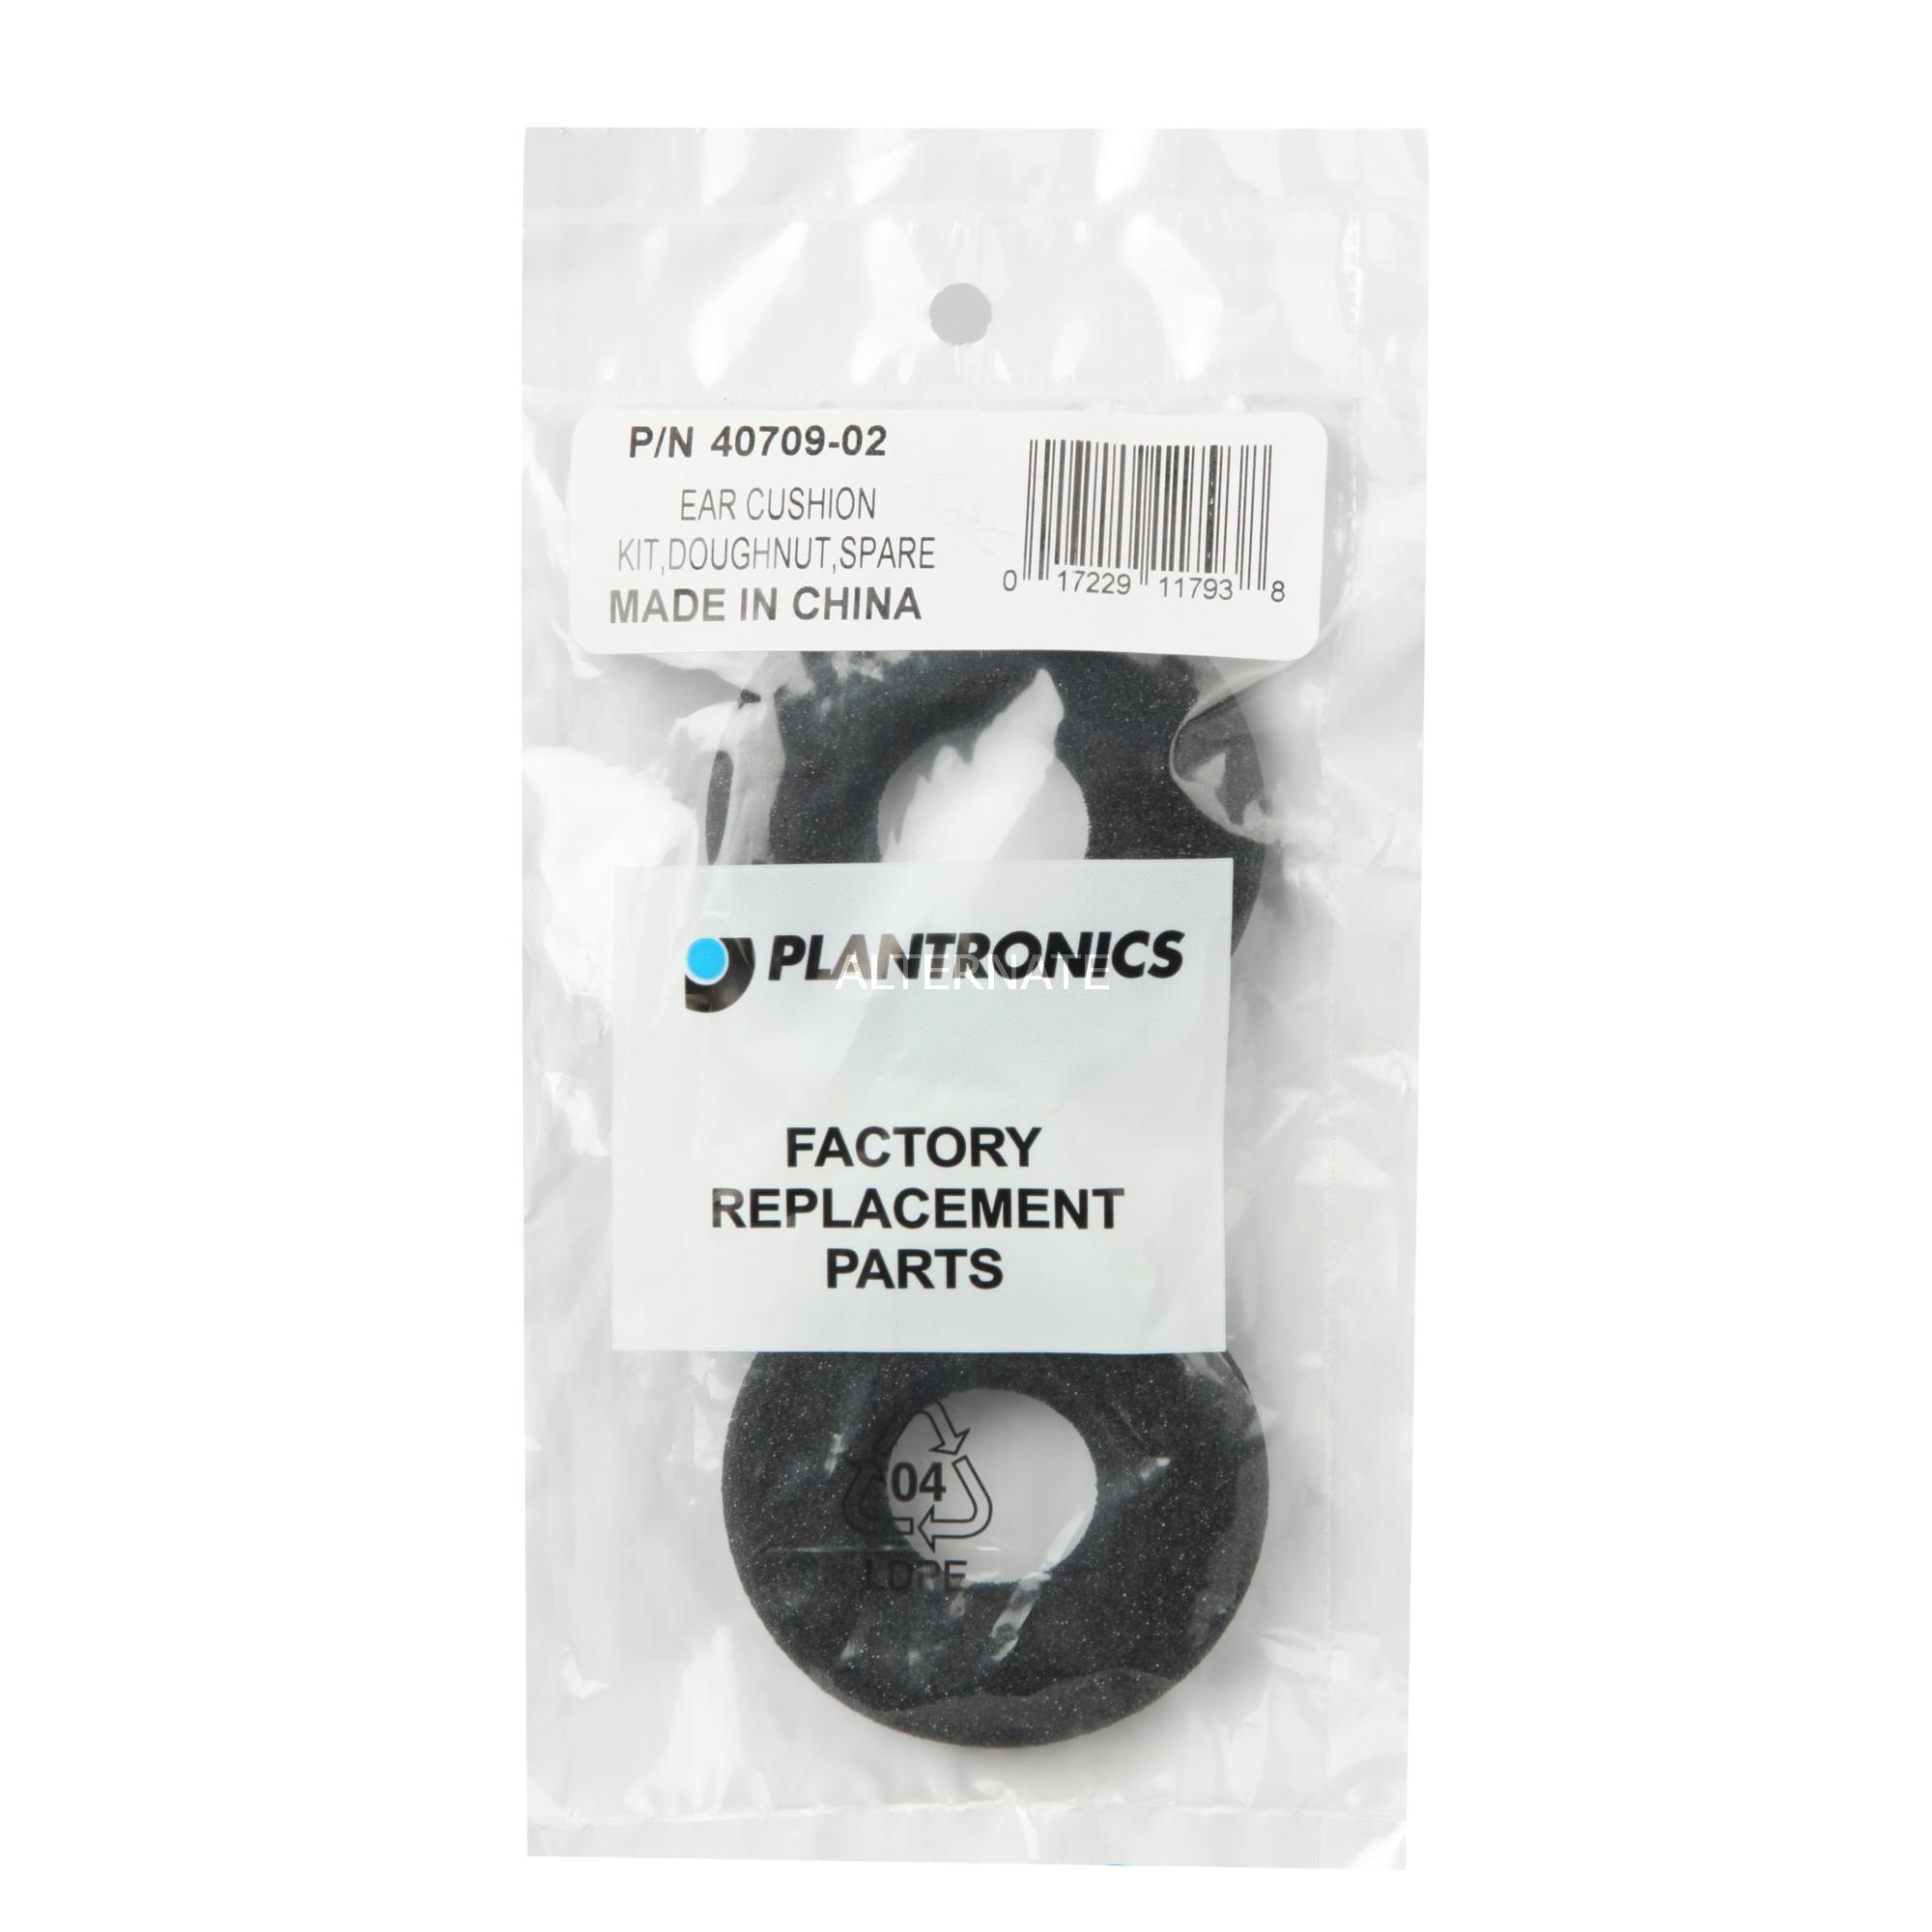 40709-02 Negro 2pieza(s) almohadilla para auriculares, Piezas de repuesto